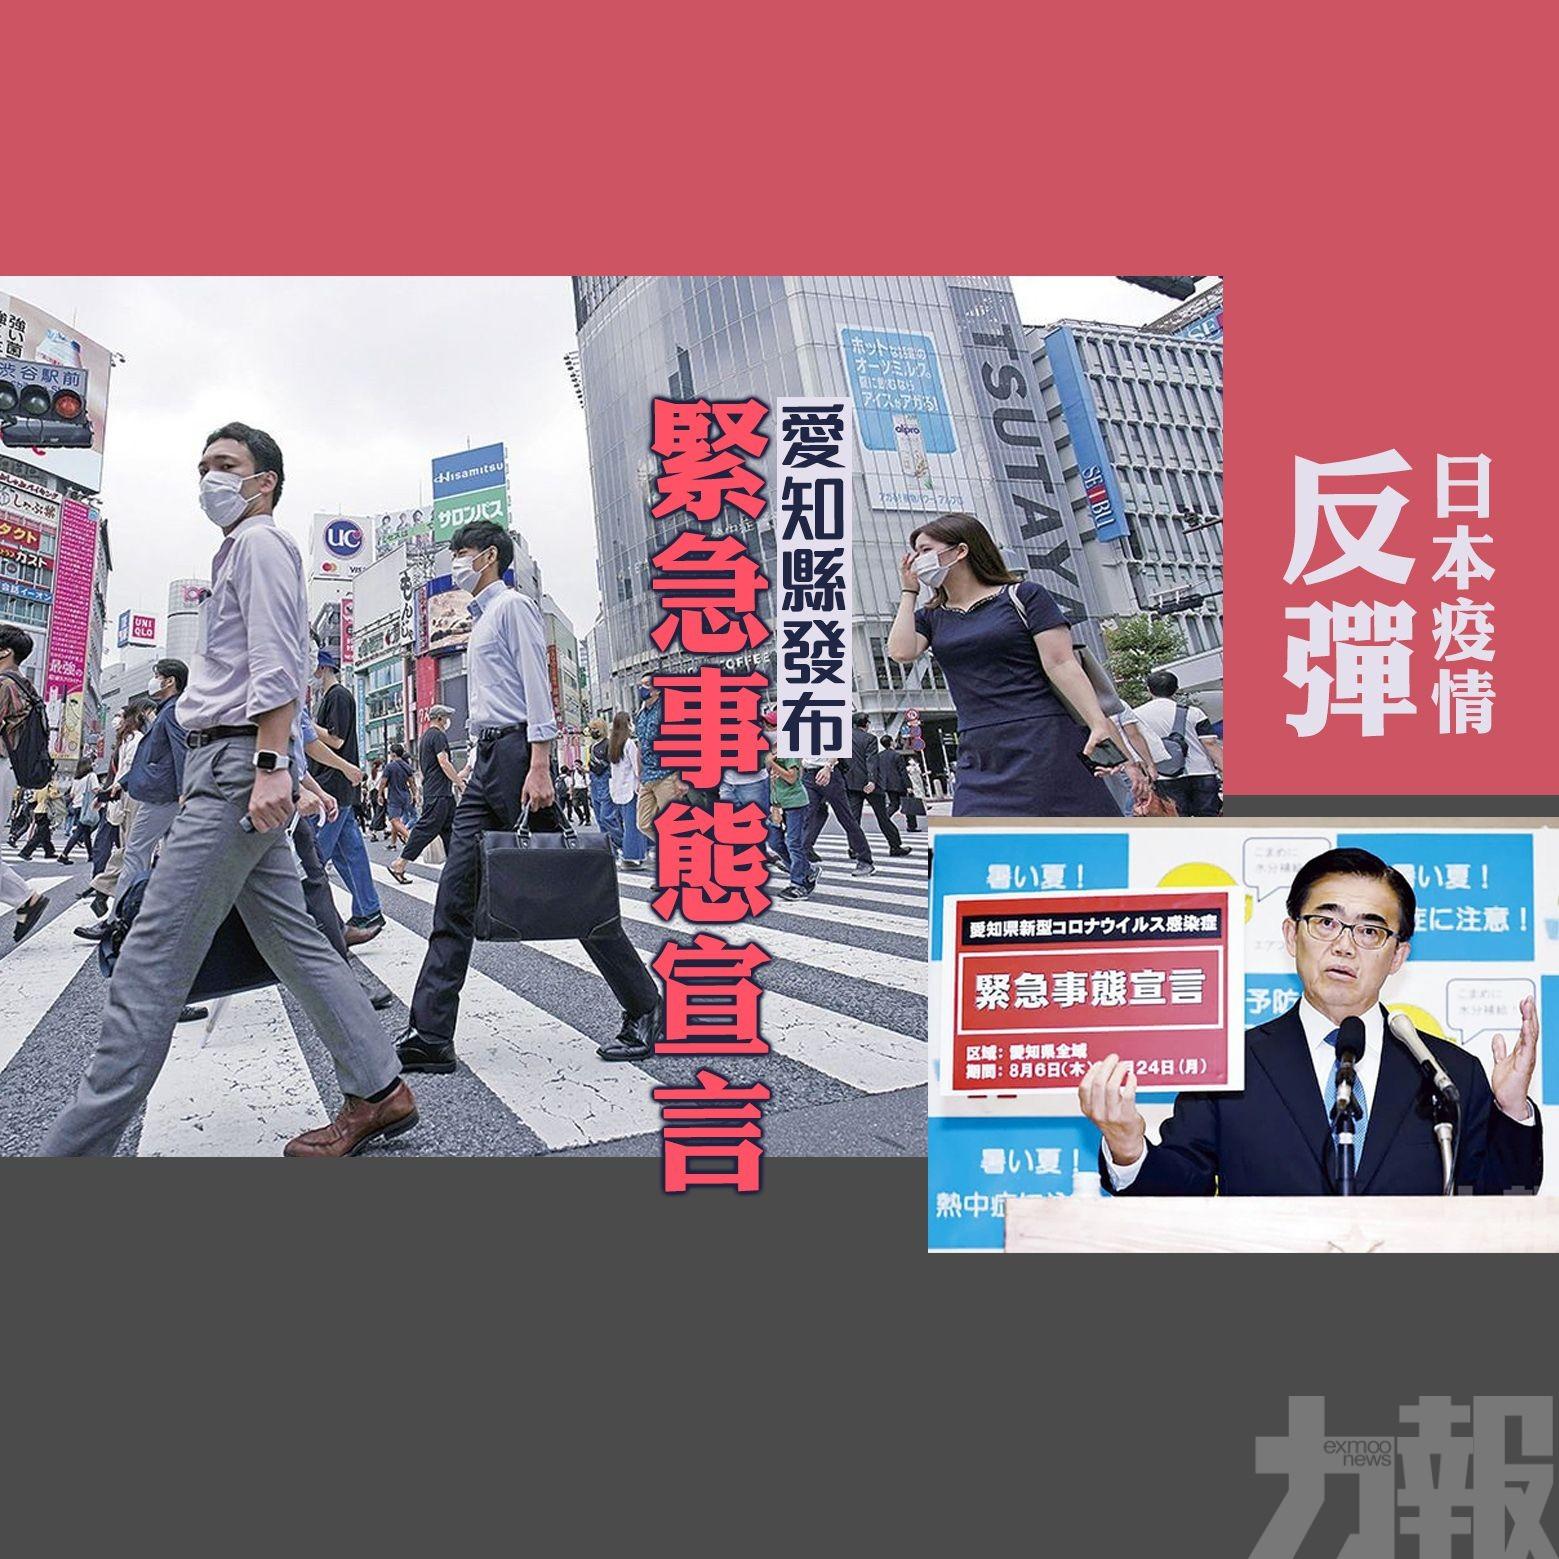 愛知縣發布緊急事態宣言